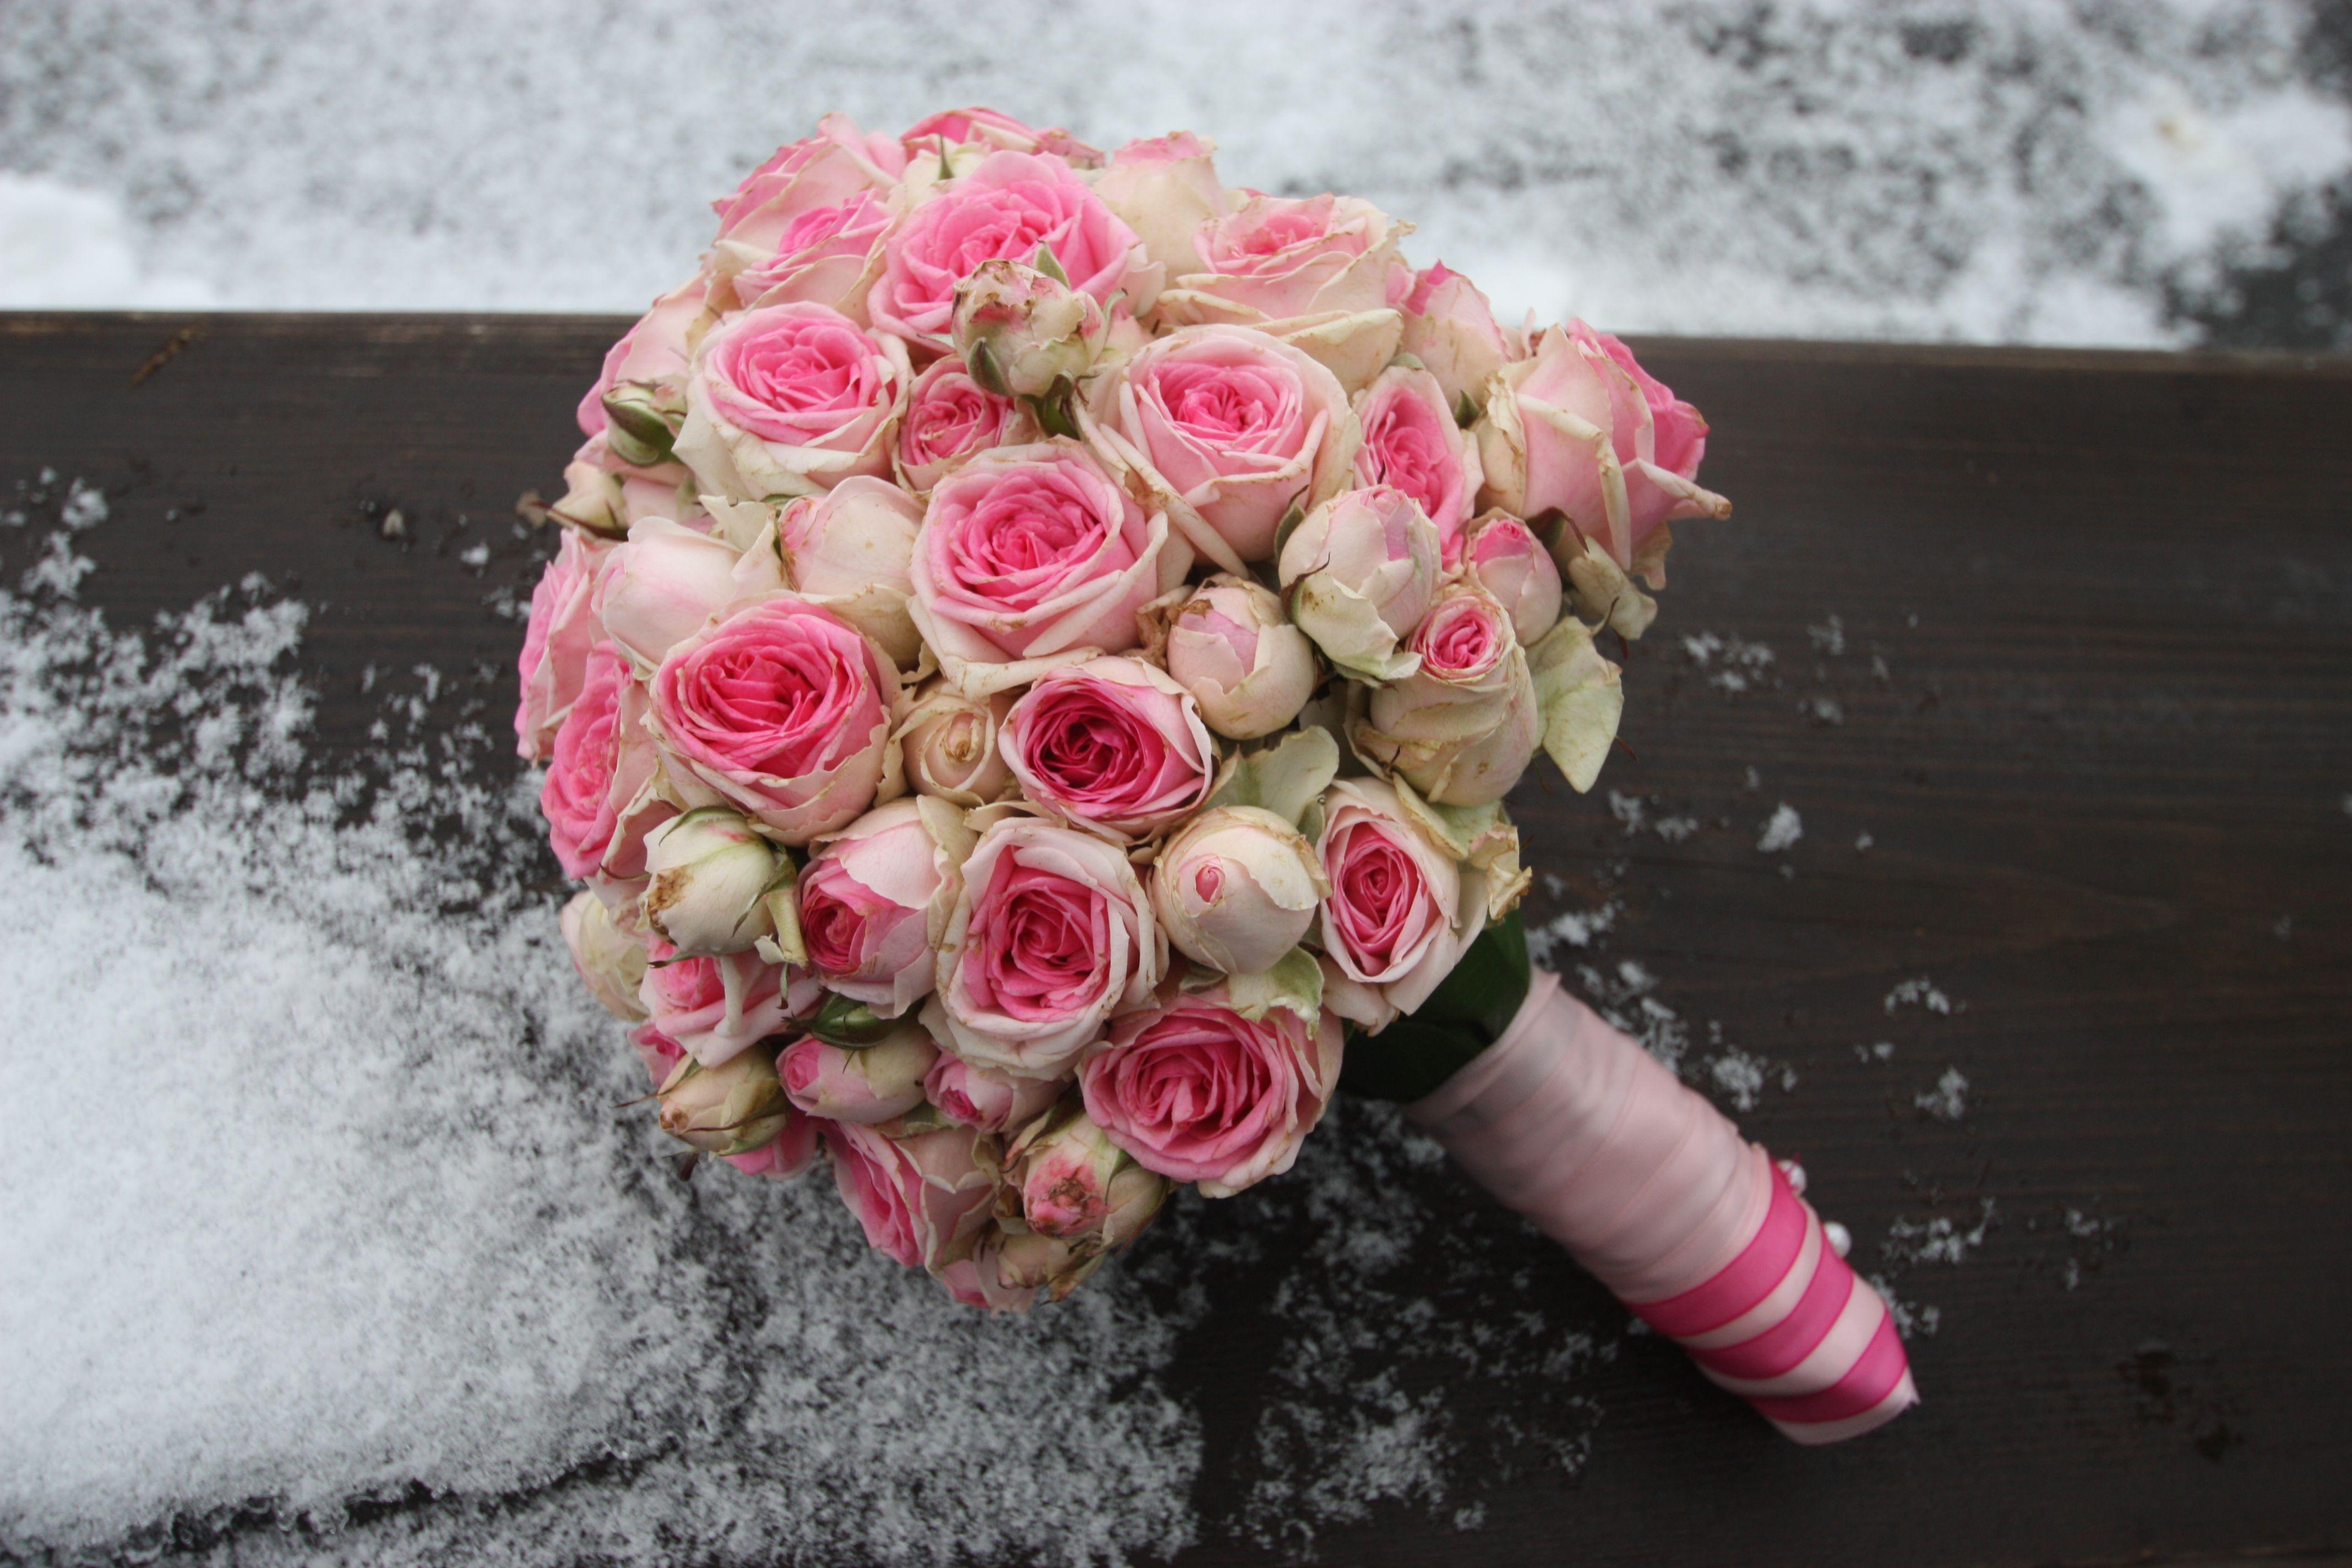 Winterfruhlings Brautstrauss Mit Rose Farbenen Rosen Kugelformig Winter Spring Wedding Bouquet With Pink Roses H Winterhochzeit Brautstrausse Hochzeit Hotel